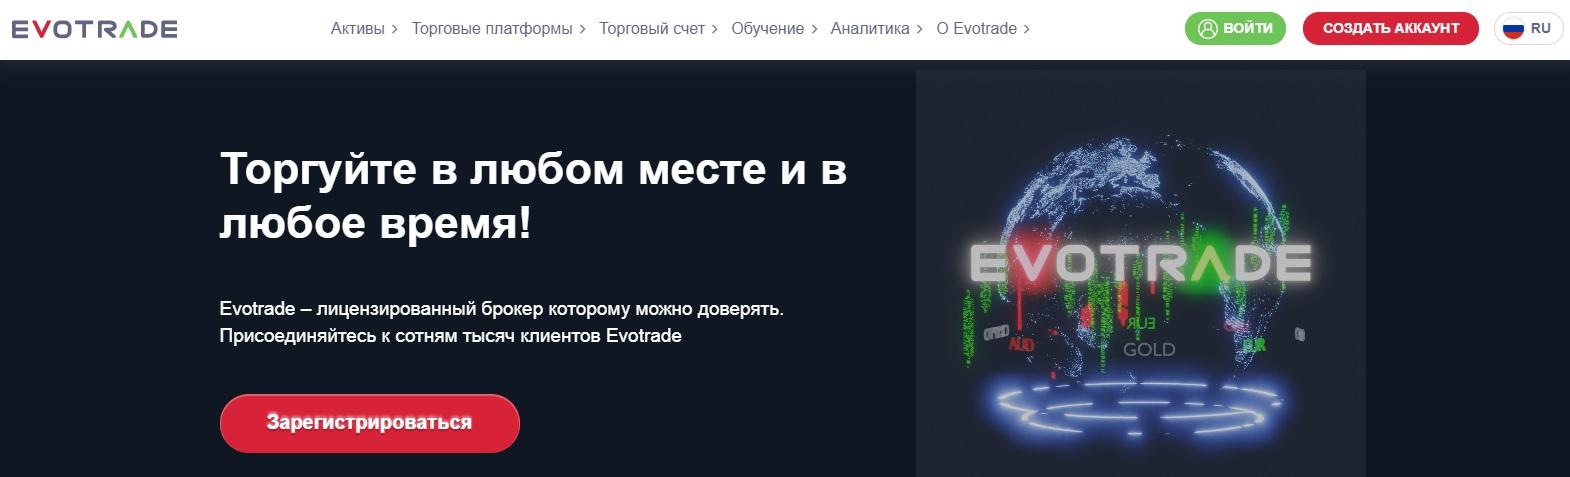 Официальный сайт «Эвотрейд»